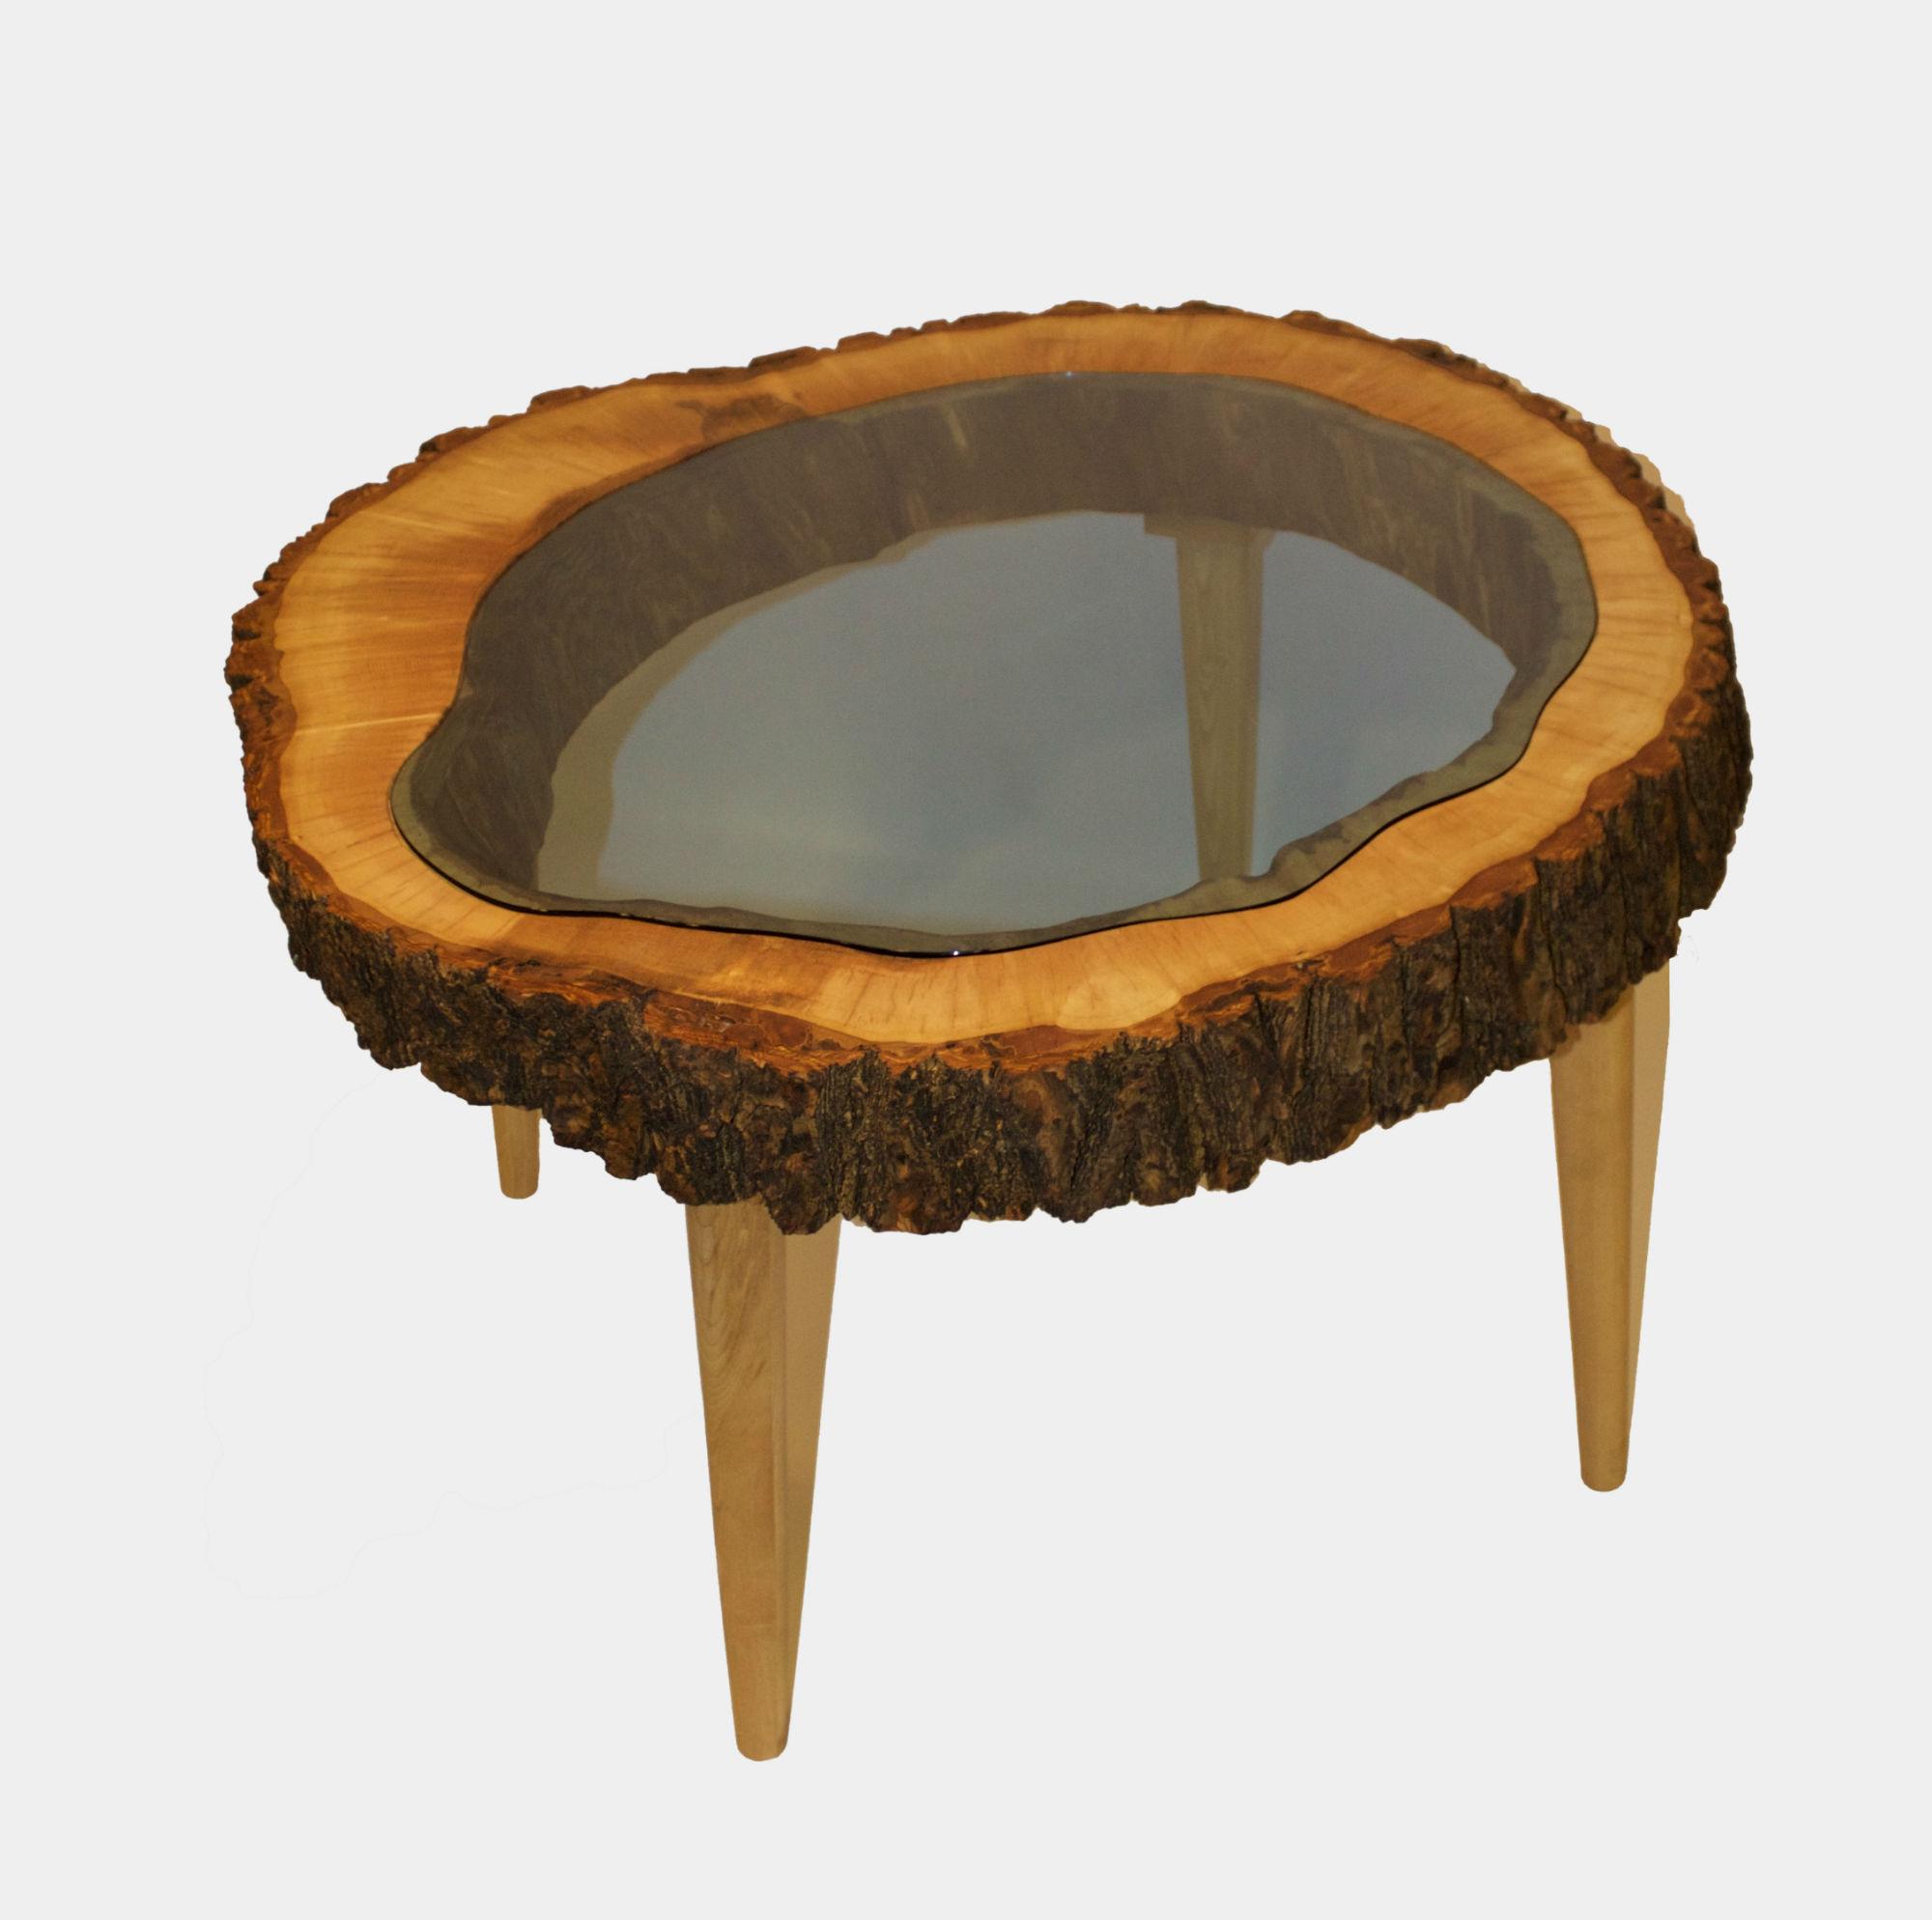 Loch table